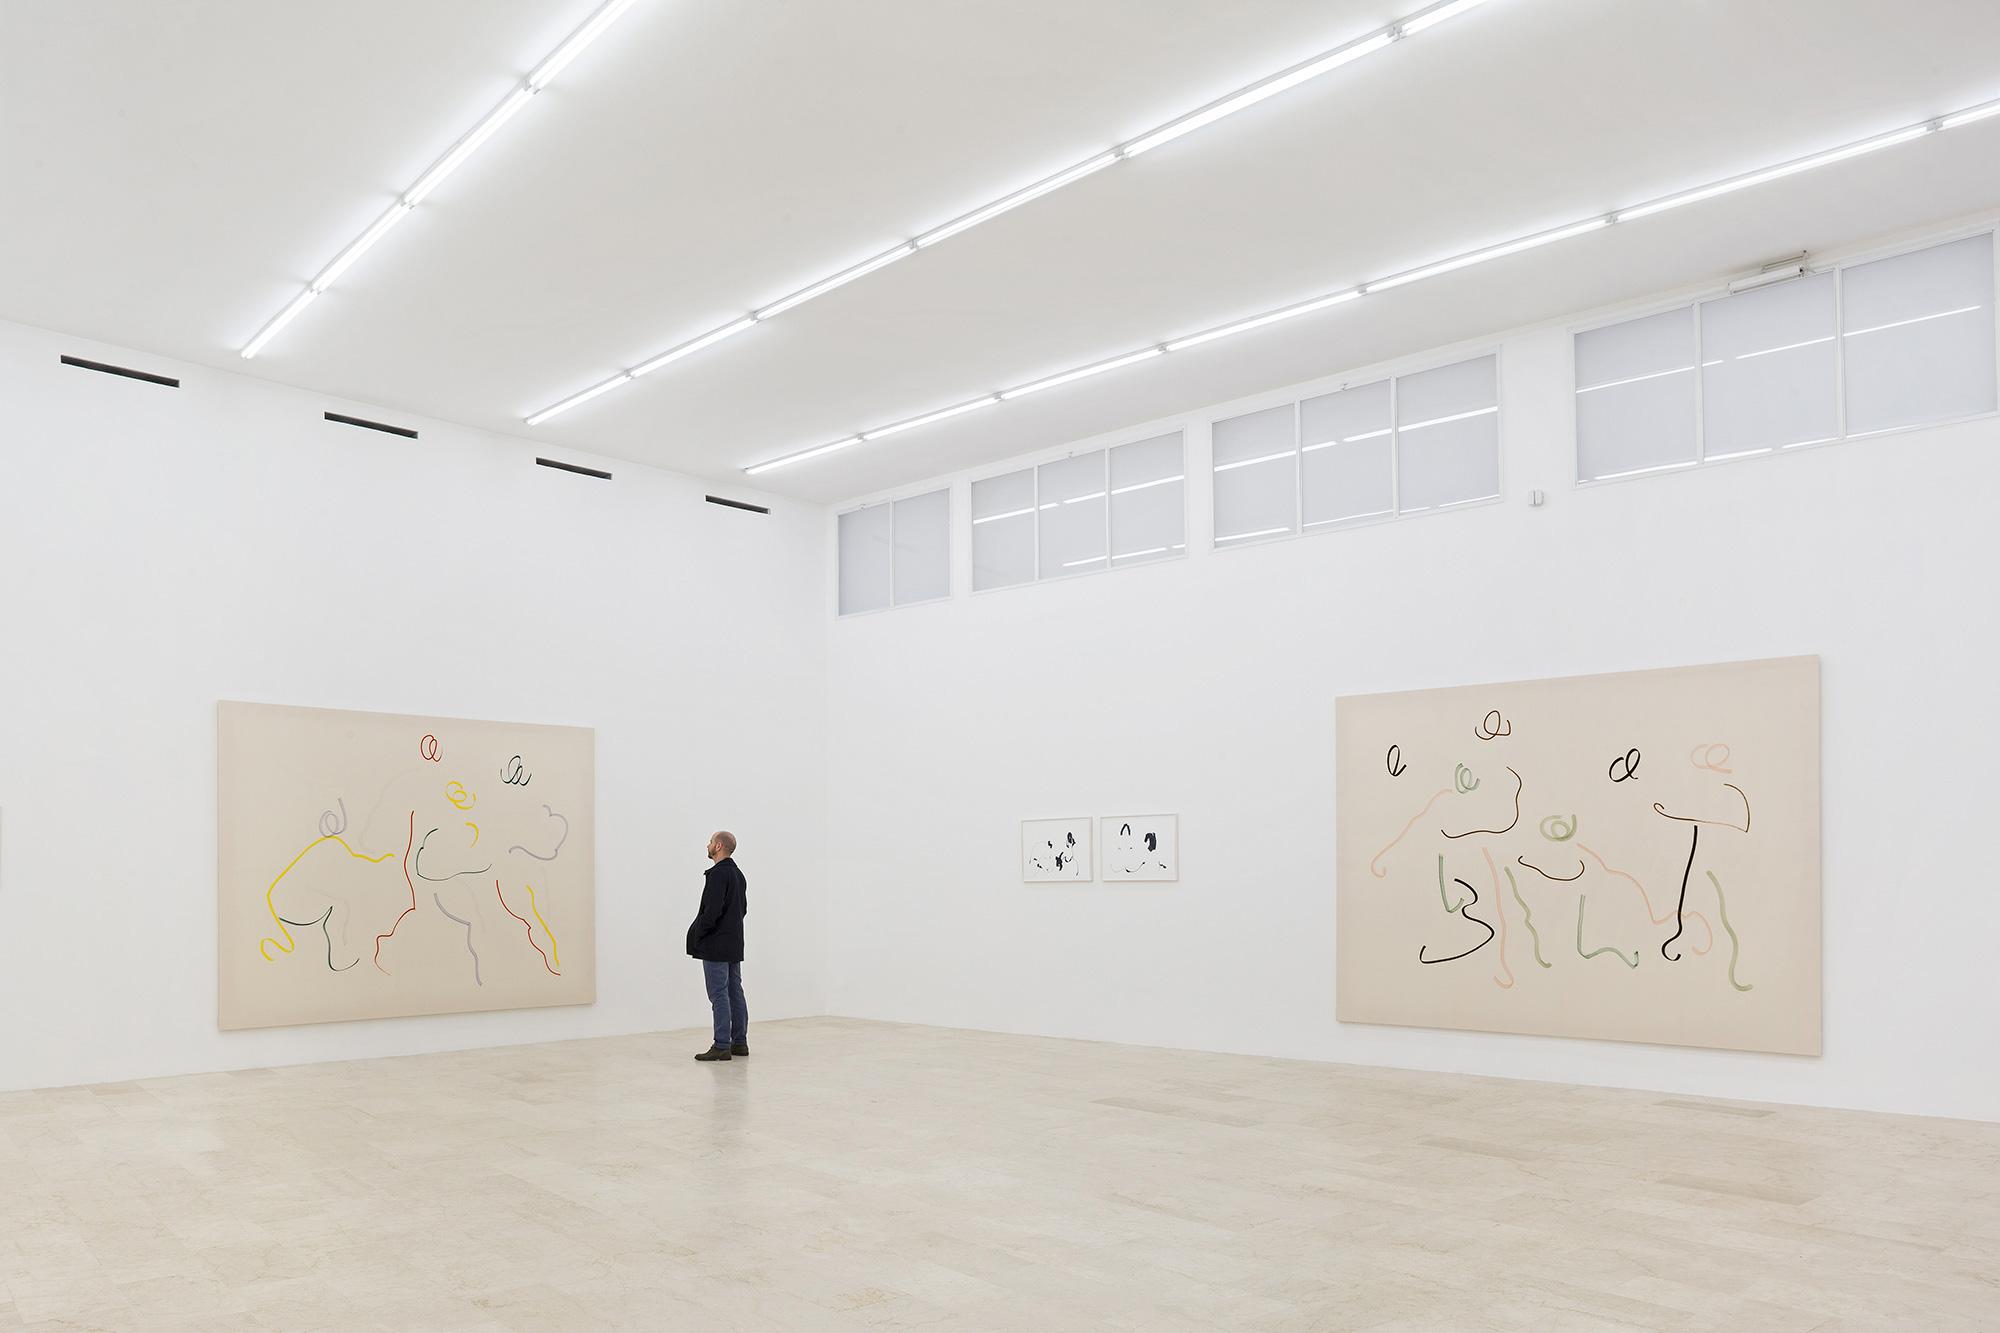 Riccardo Baruzzi-Del-disegno-disposto-alla-pittura-installation-view-2016-P420-Bologna-GLS8038